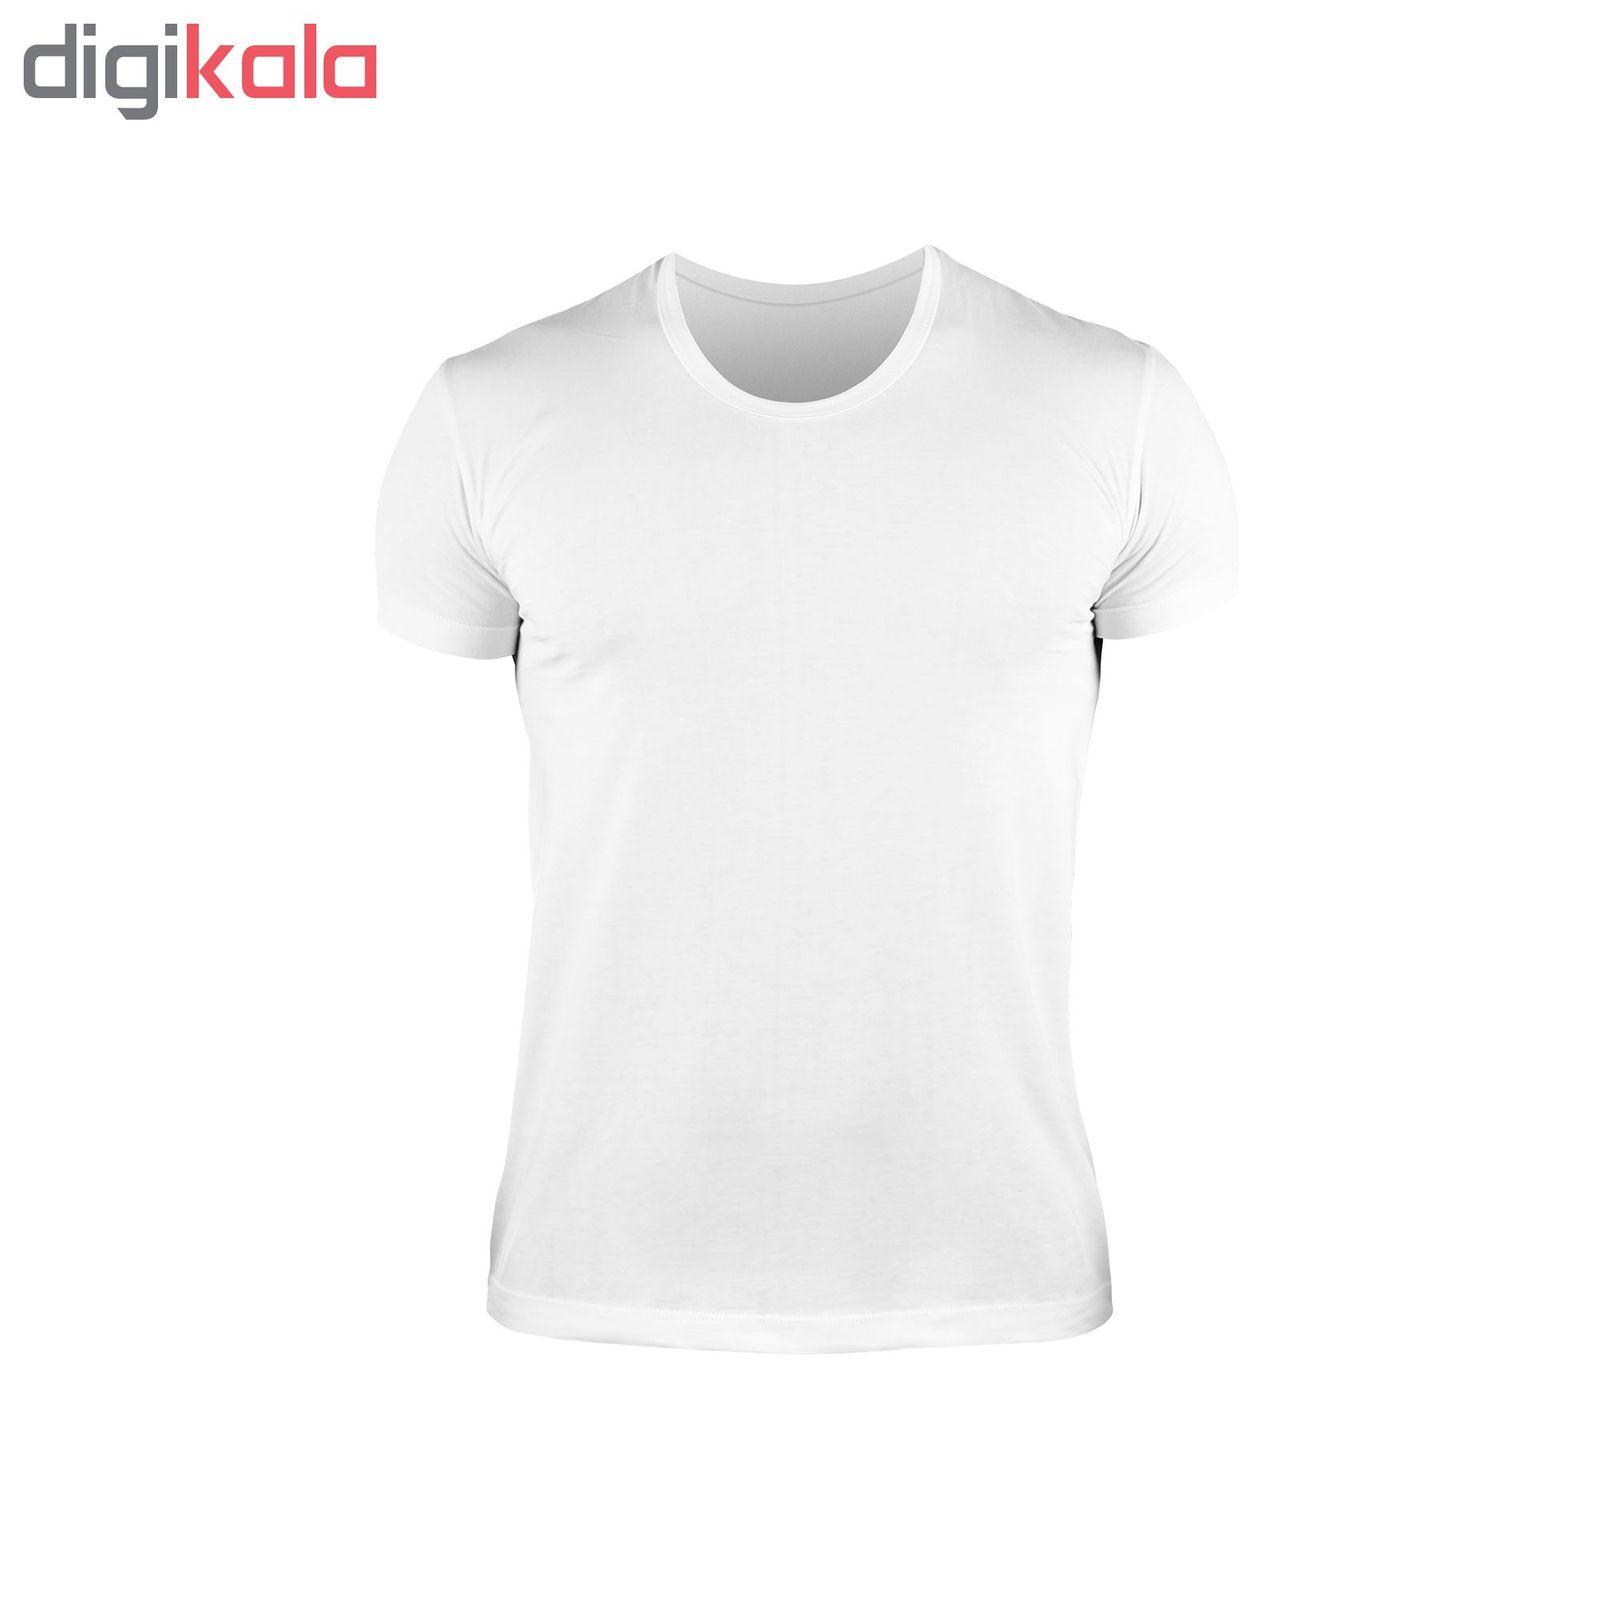 زیرپوش مردانه کیان تن پوش مدل U Neck Shirt Classic W مجموعه ۳ عددی main 1 3